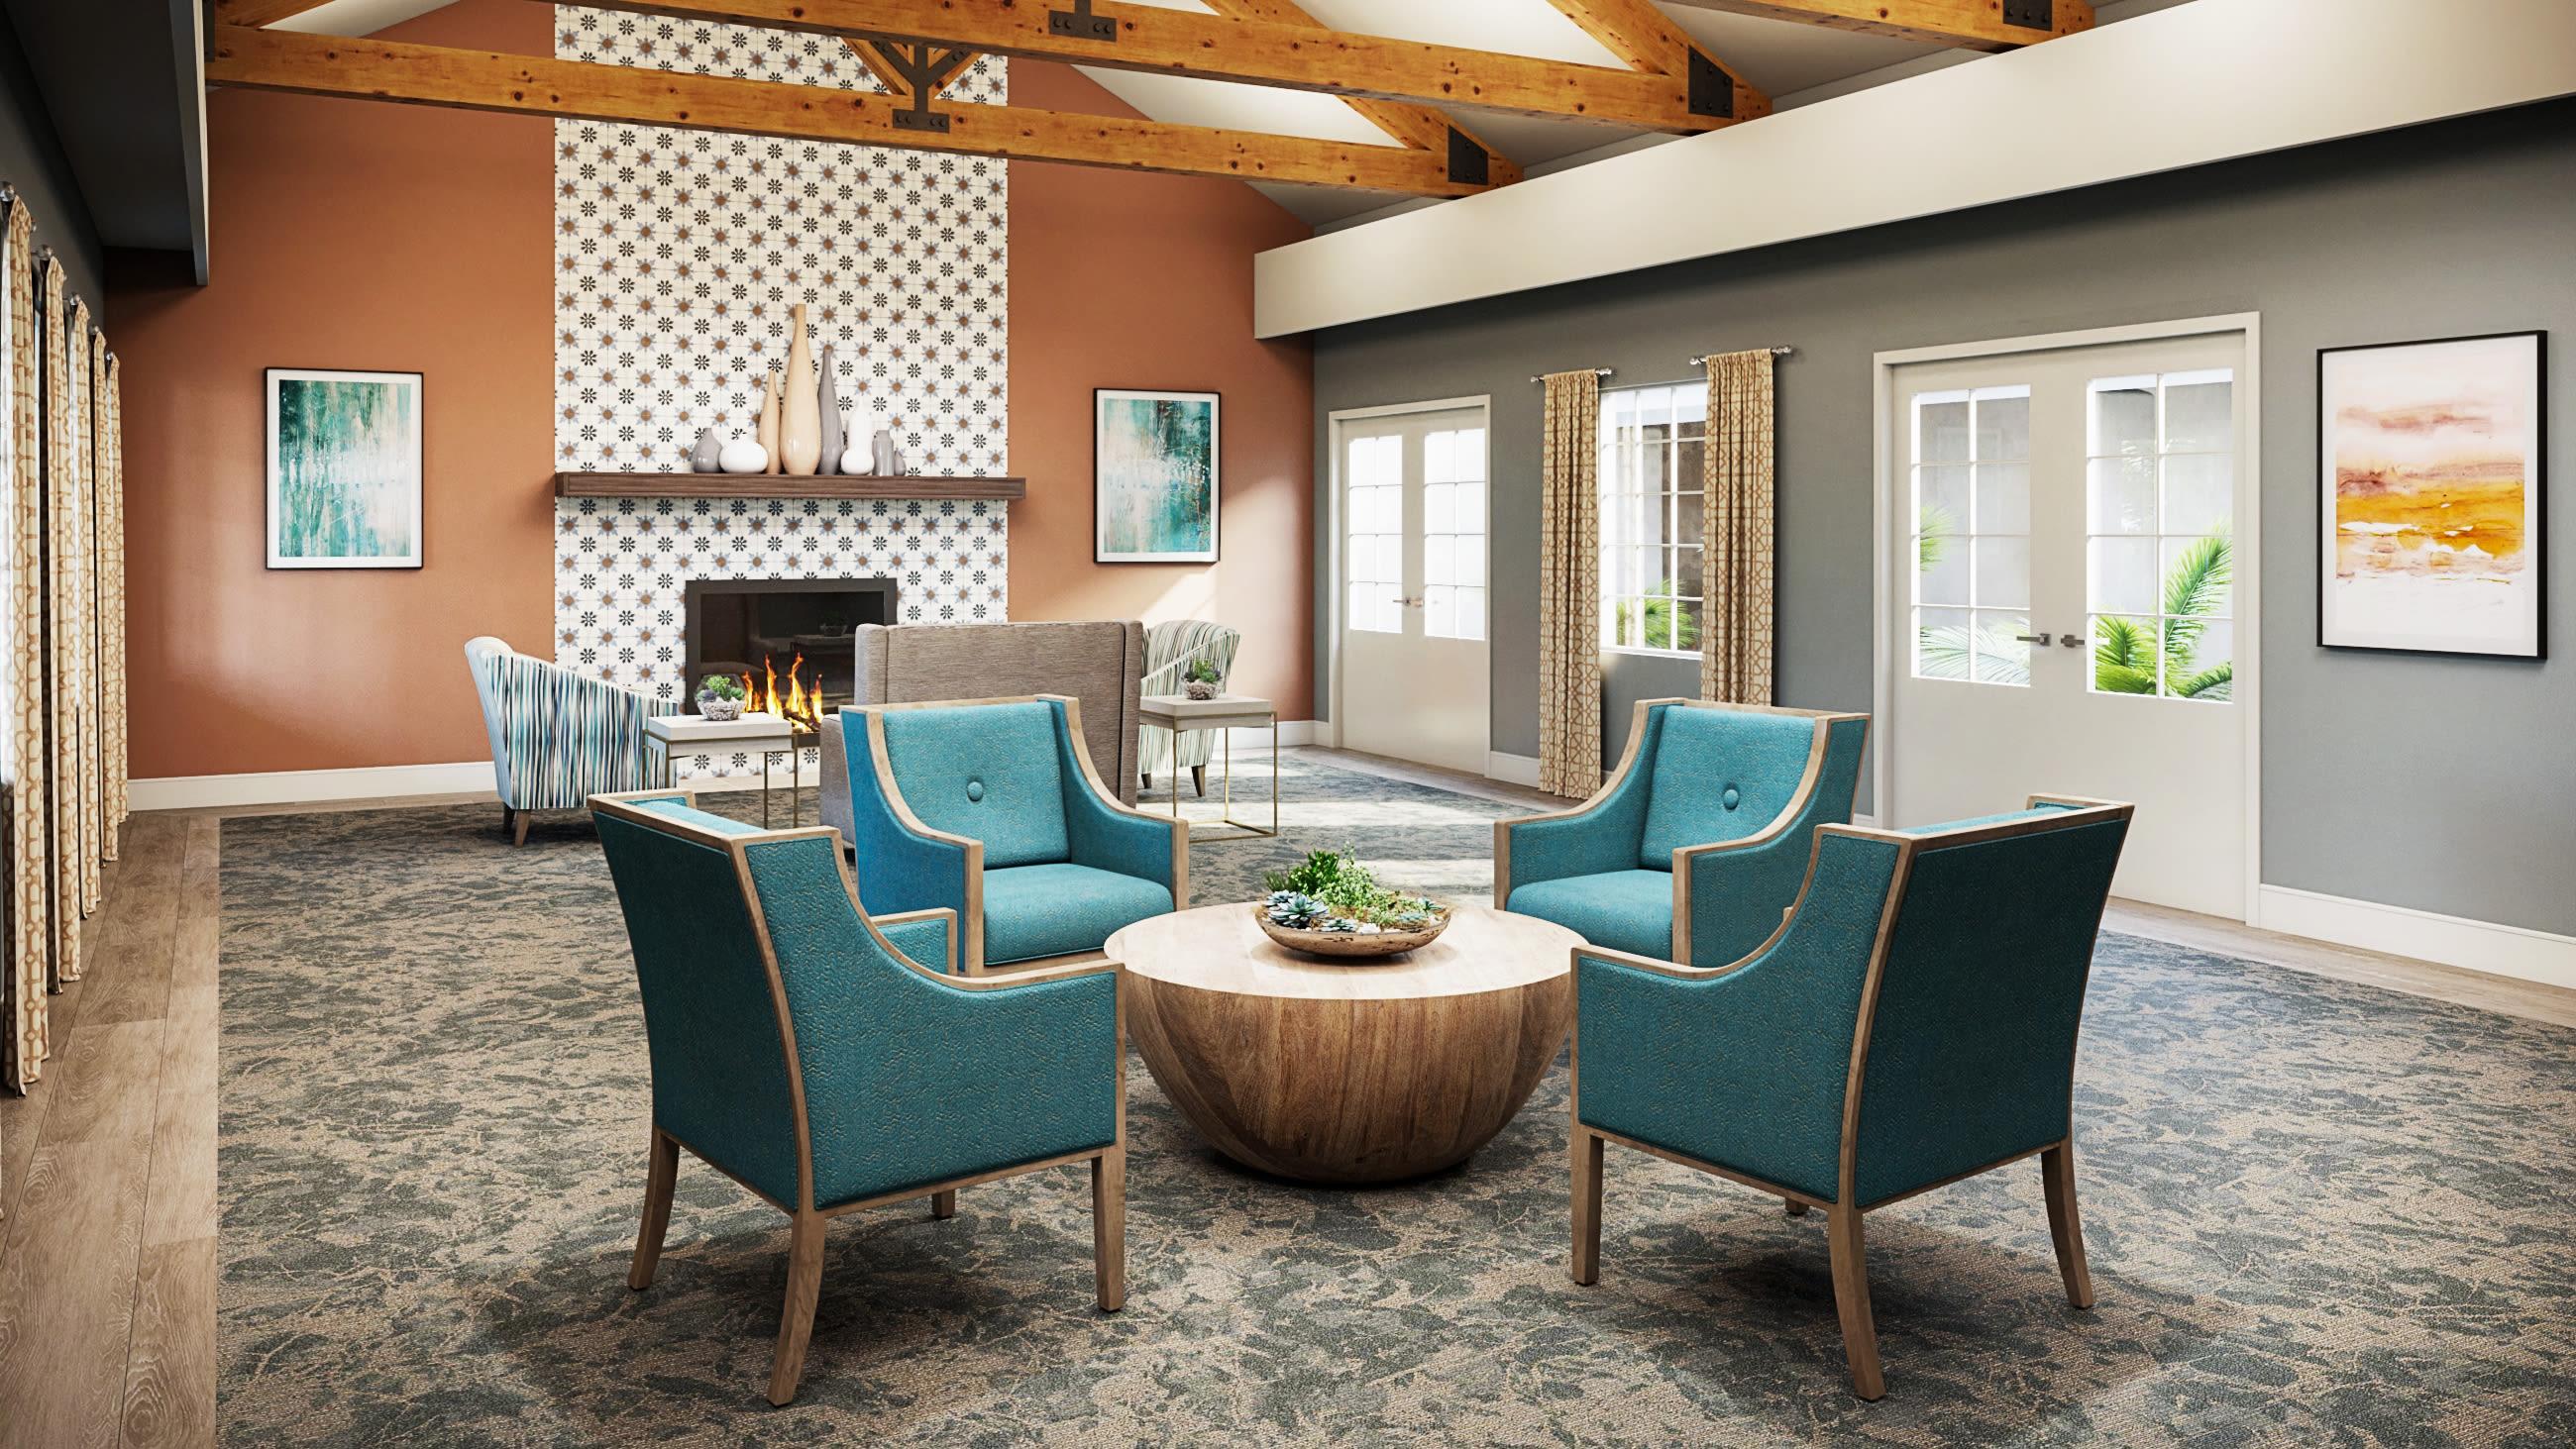 Common area at Del Obispo Terrace Senior Living